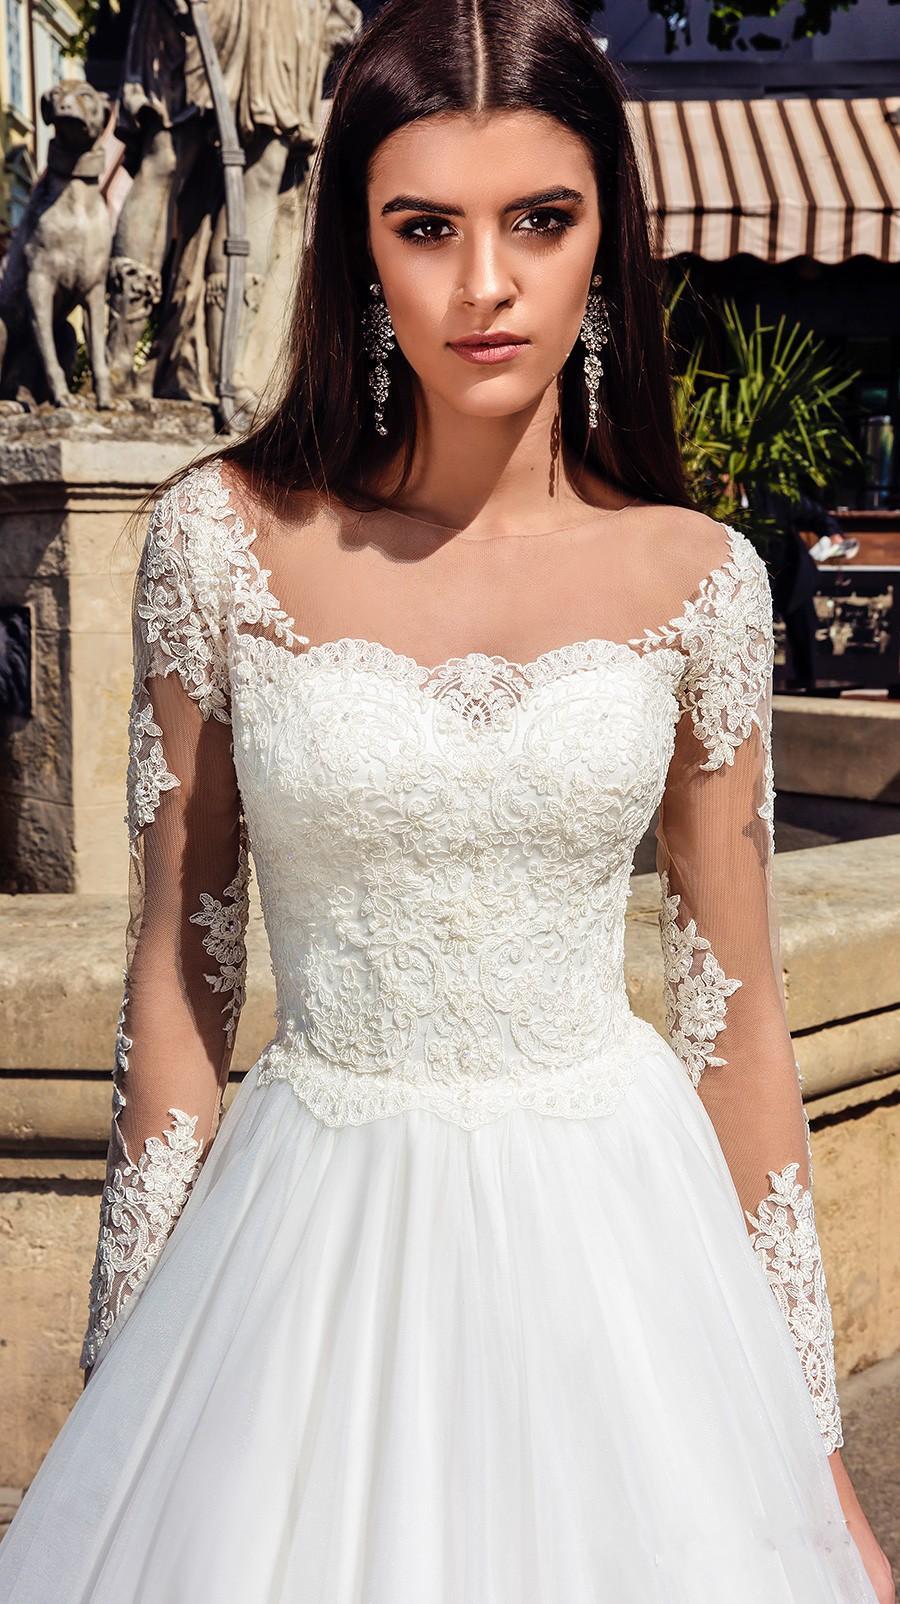 2019 neue elegante Sheer Ansatz Spitze Brautkleider mit langen Ärmeln Applikationen Tüll Brautkleider A-Linie Hochzeit Brautkleid vestidos de novia